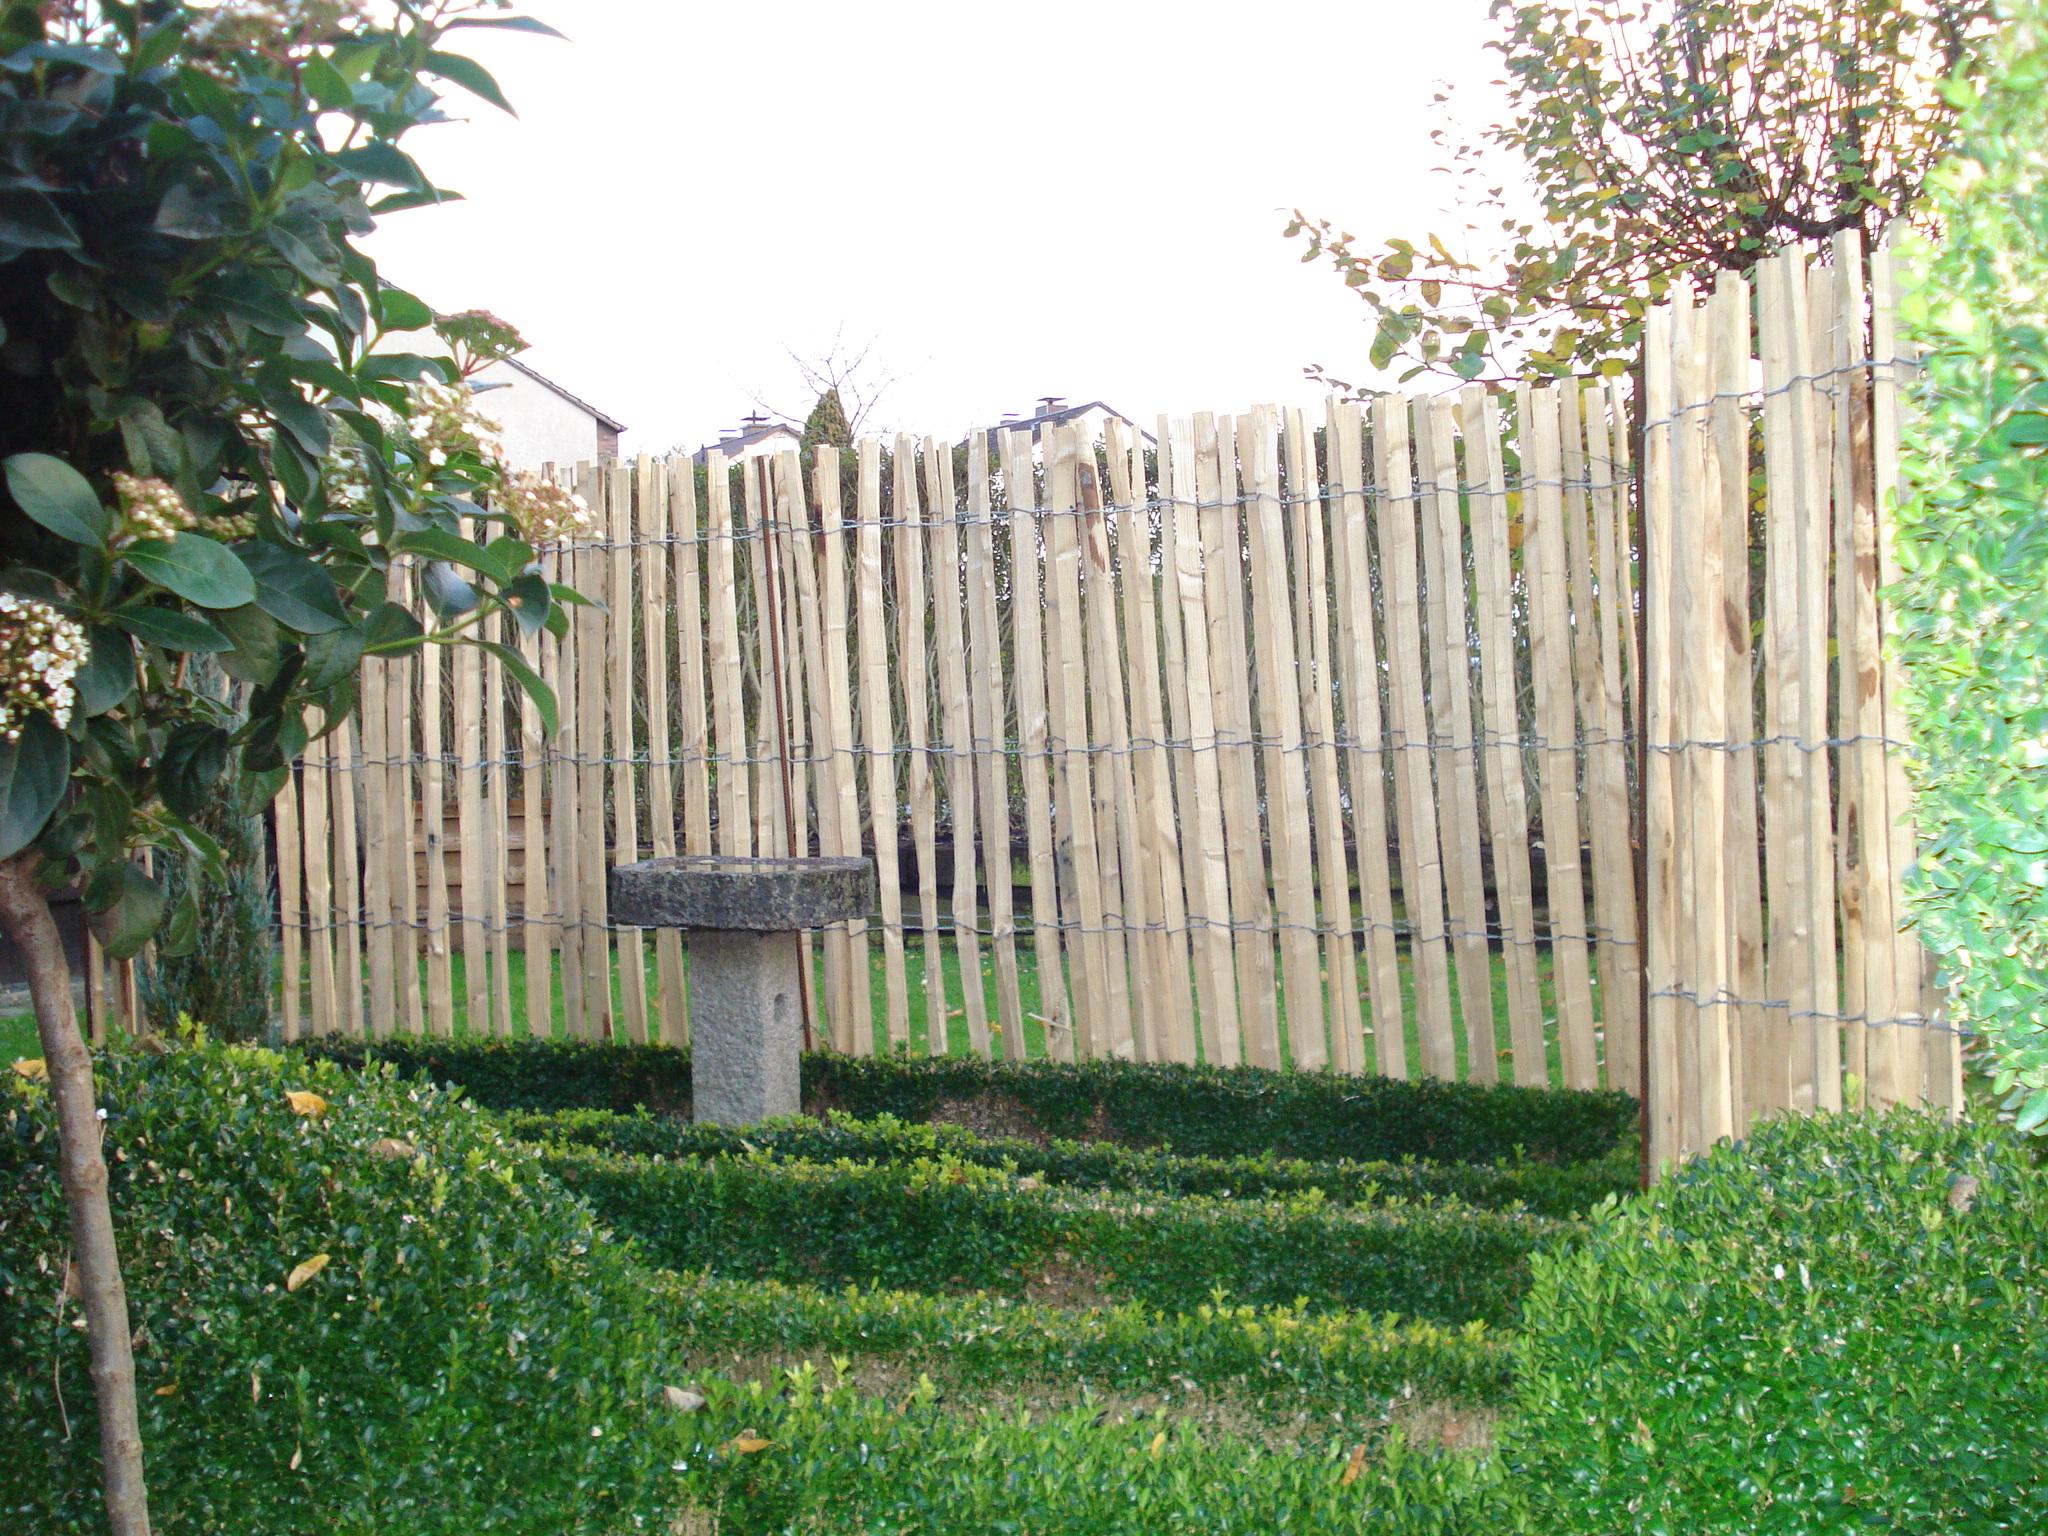 Gartenzaun Holz U Patrial Best Garten Ideen.